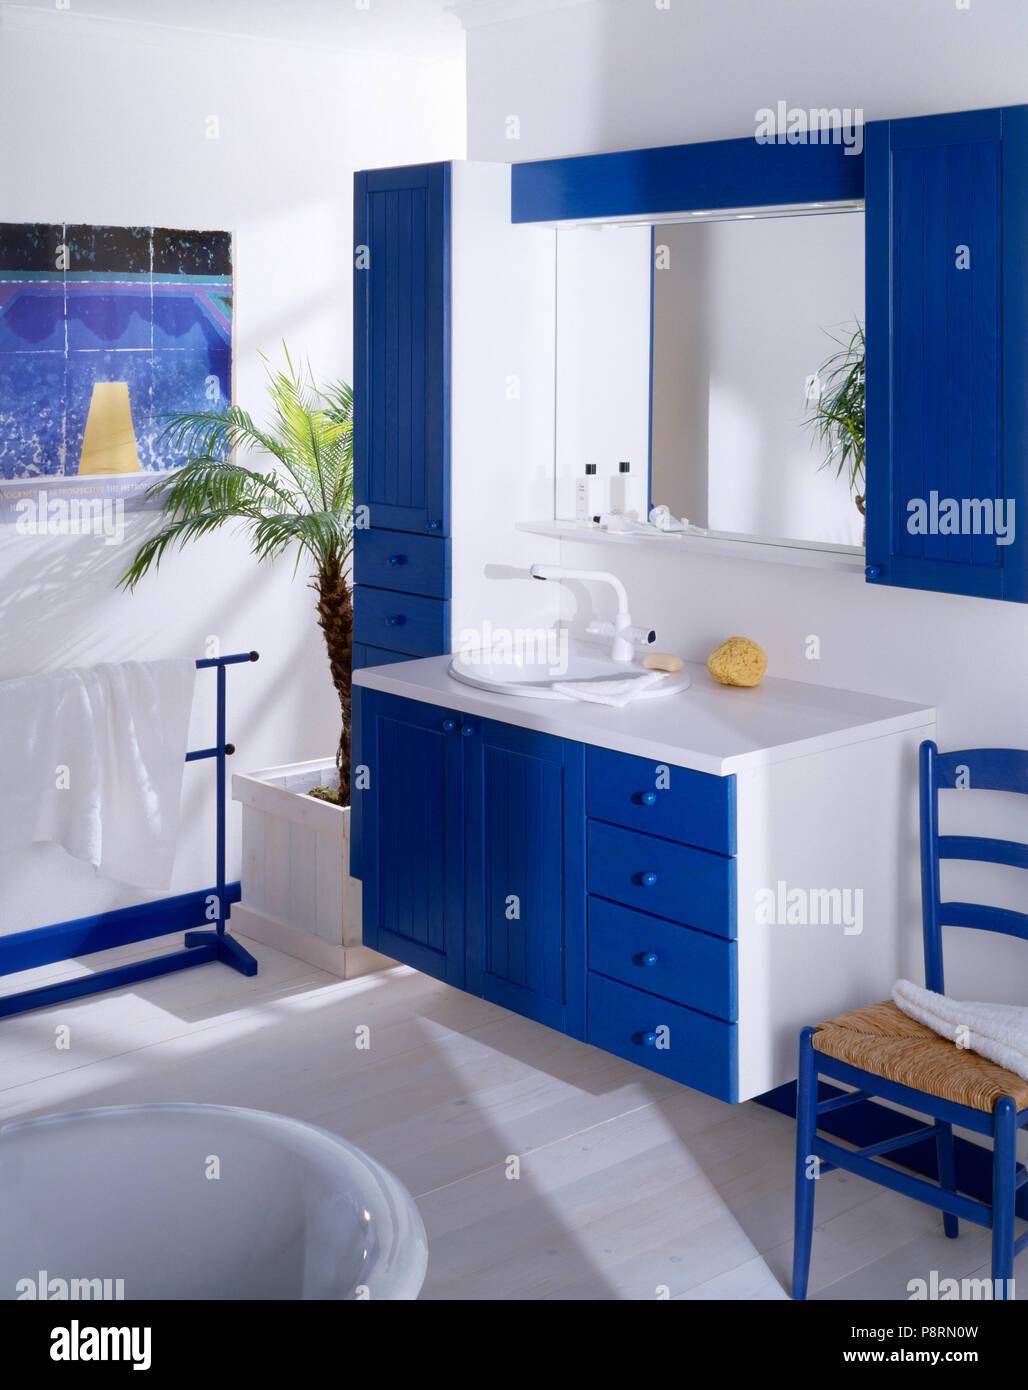 Salle De Bain Bleu Blanc | Serviette Bleu Sur Socle à Côté De ...